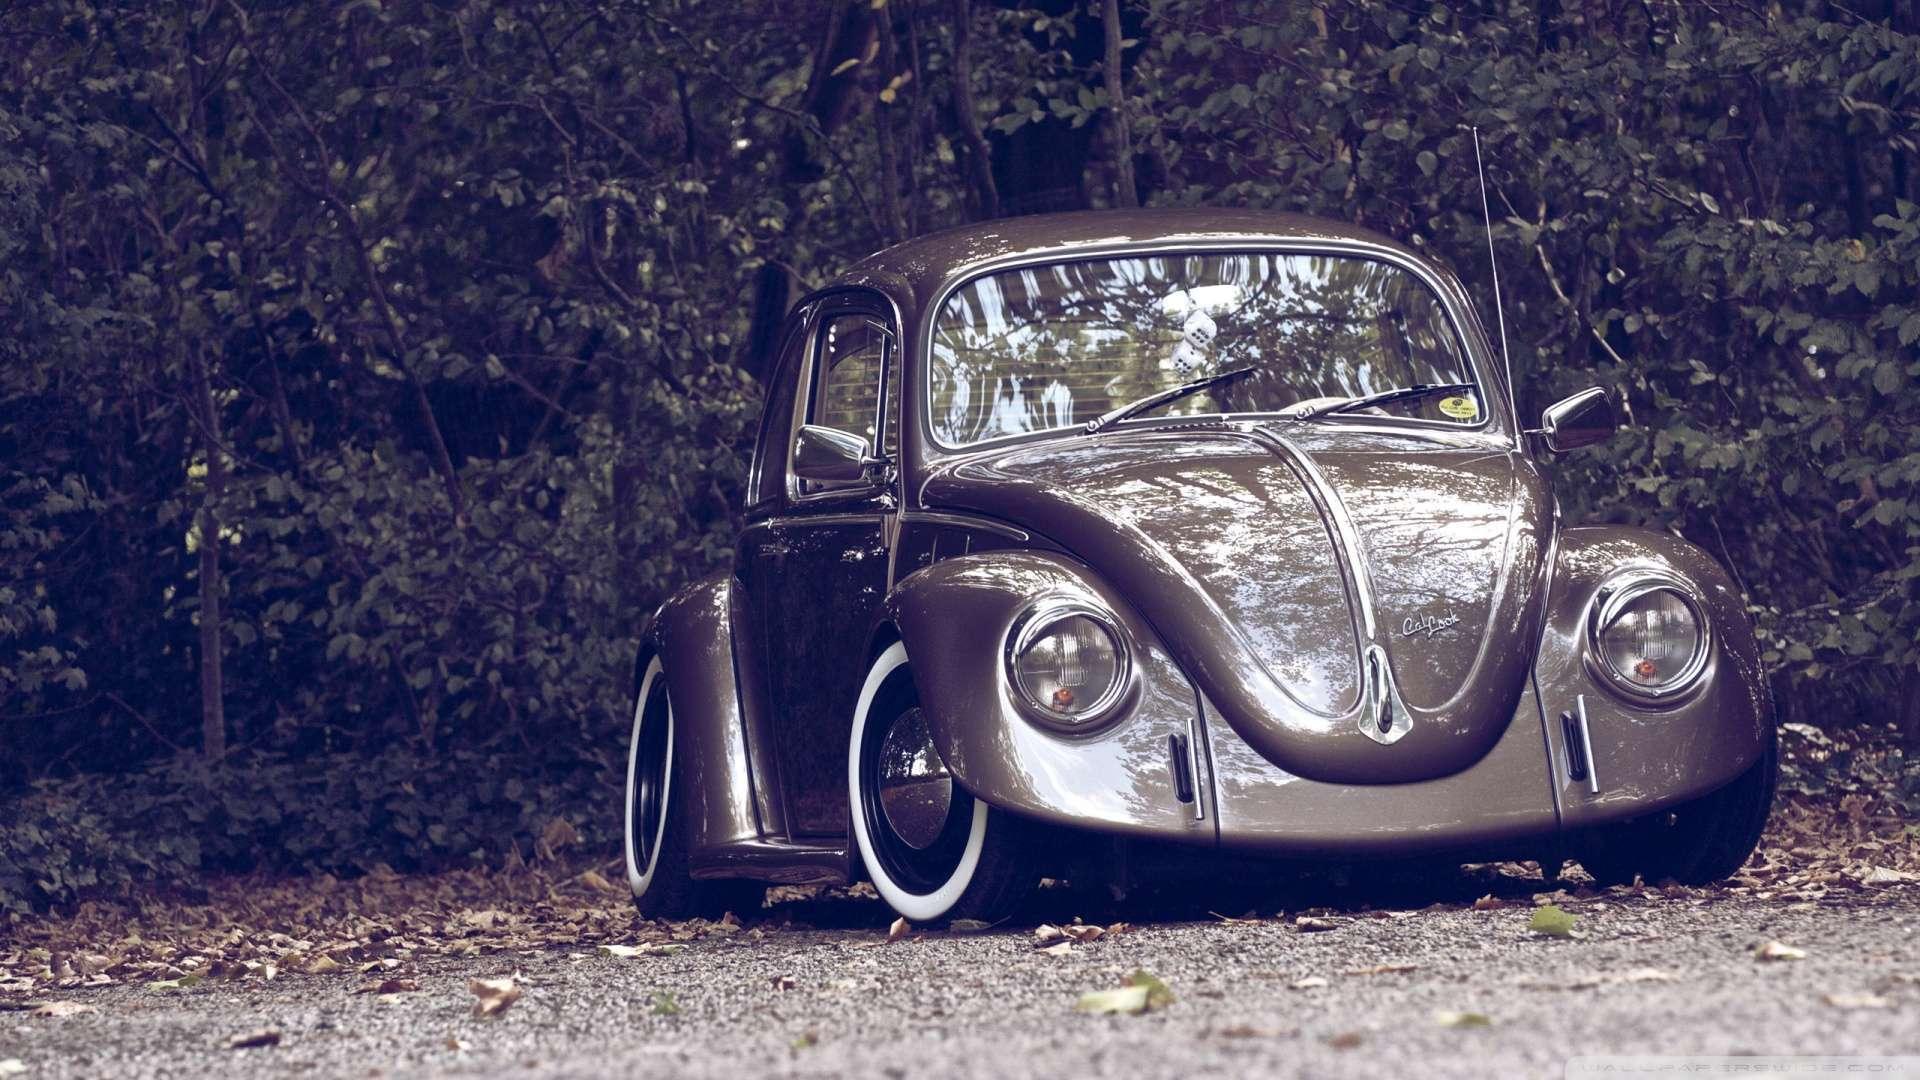 Wallpaper Volkswagen Beetle Retro Wallpaper 1080p HD Upload at 1920x1080